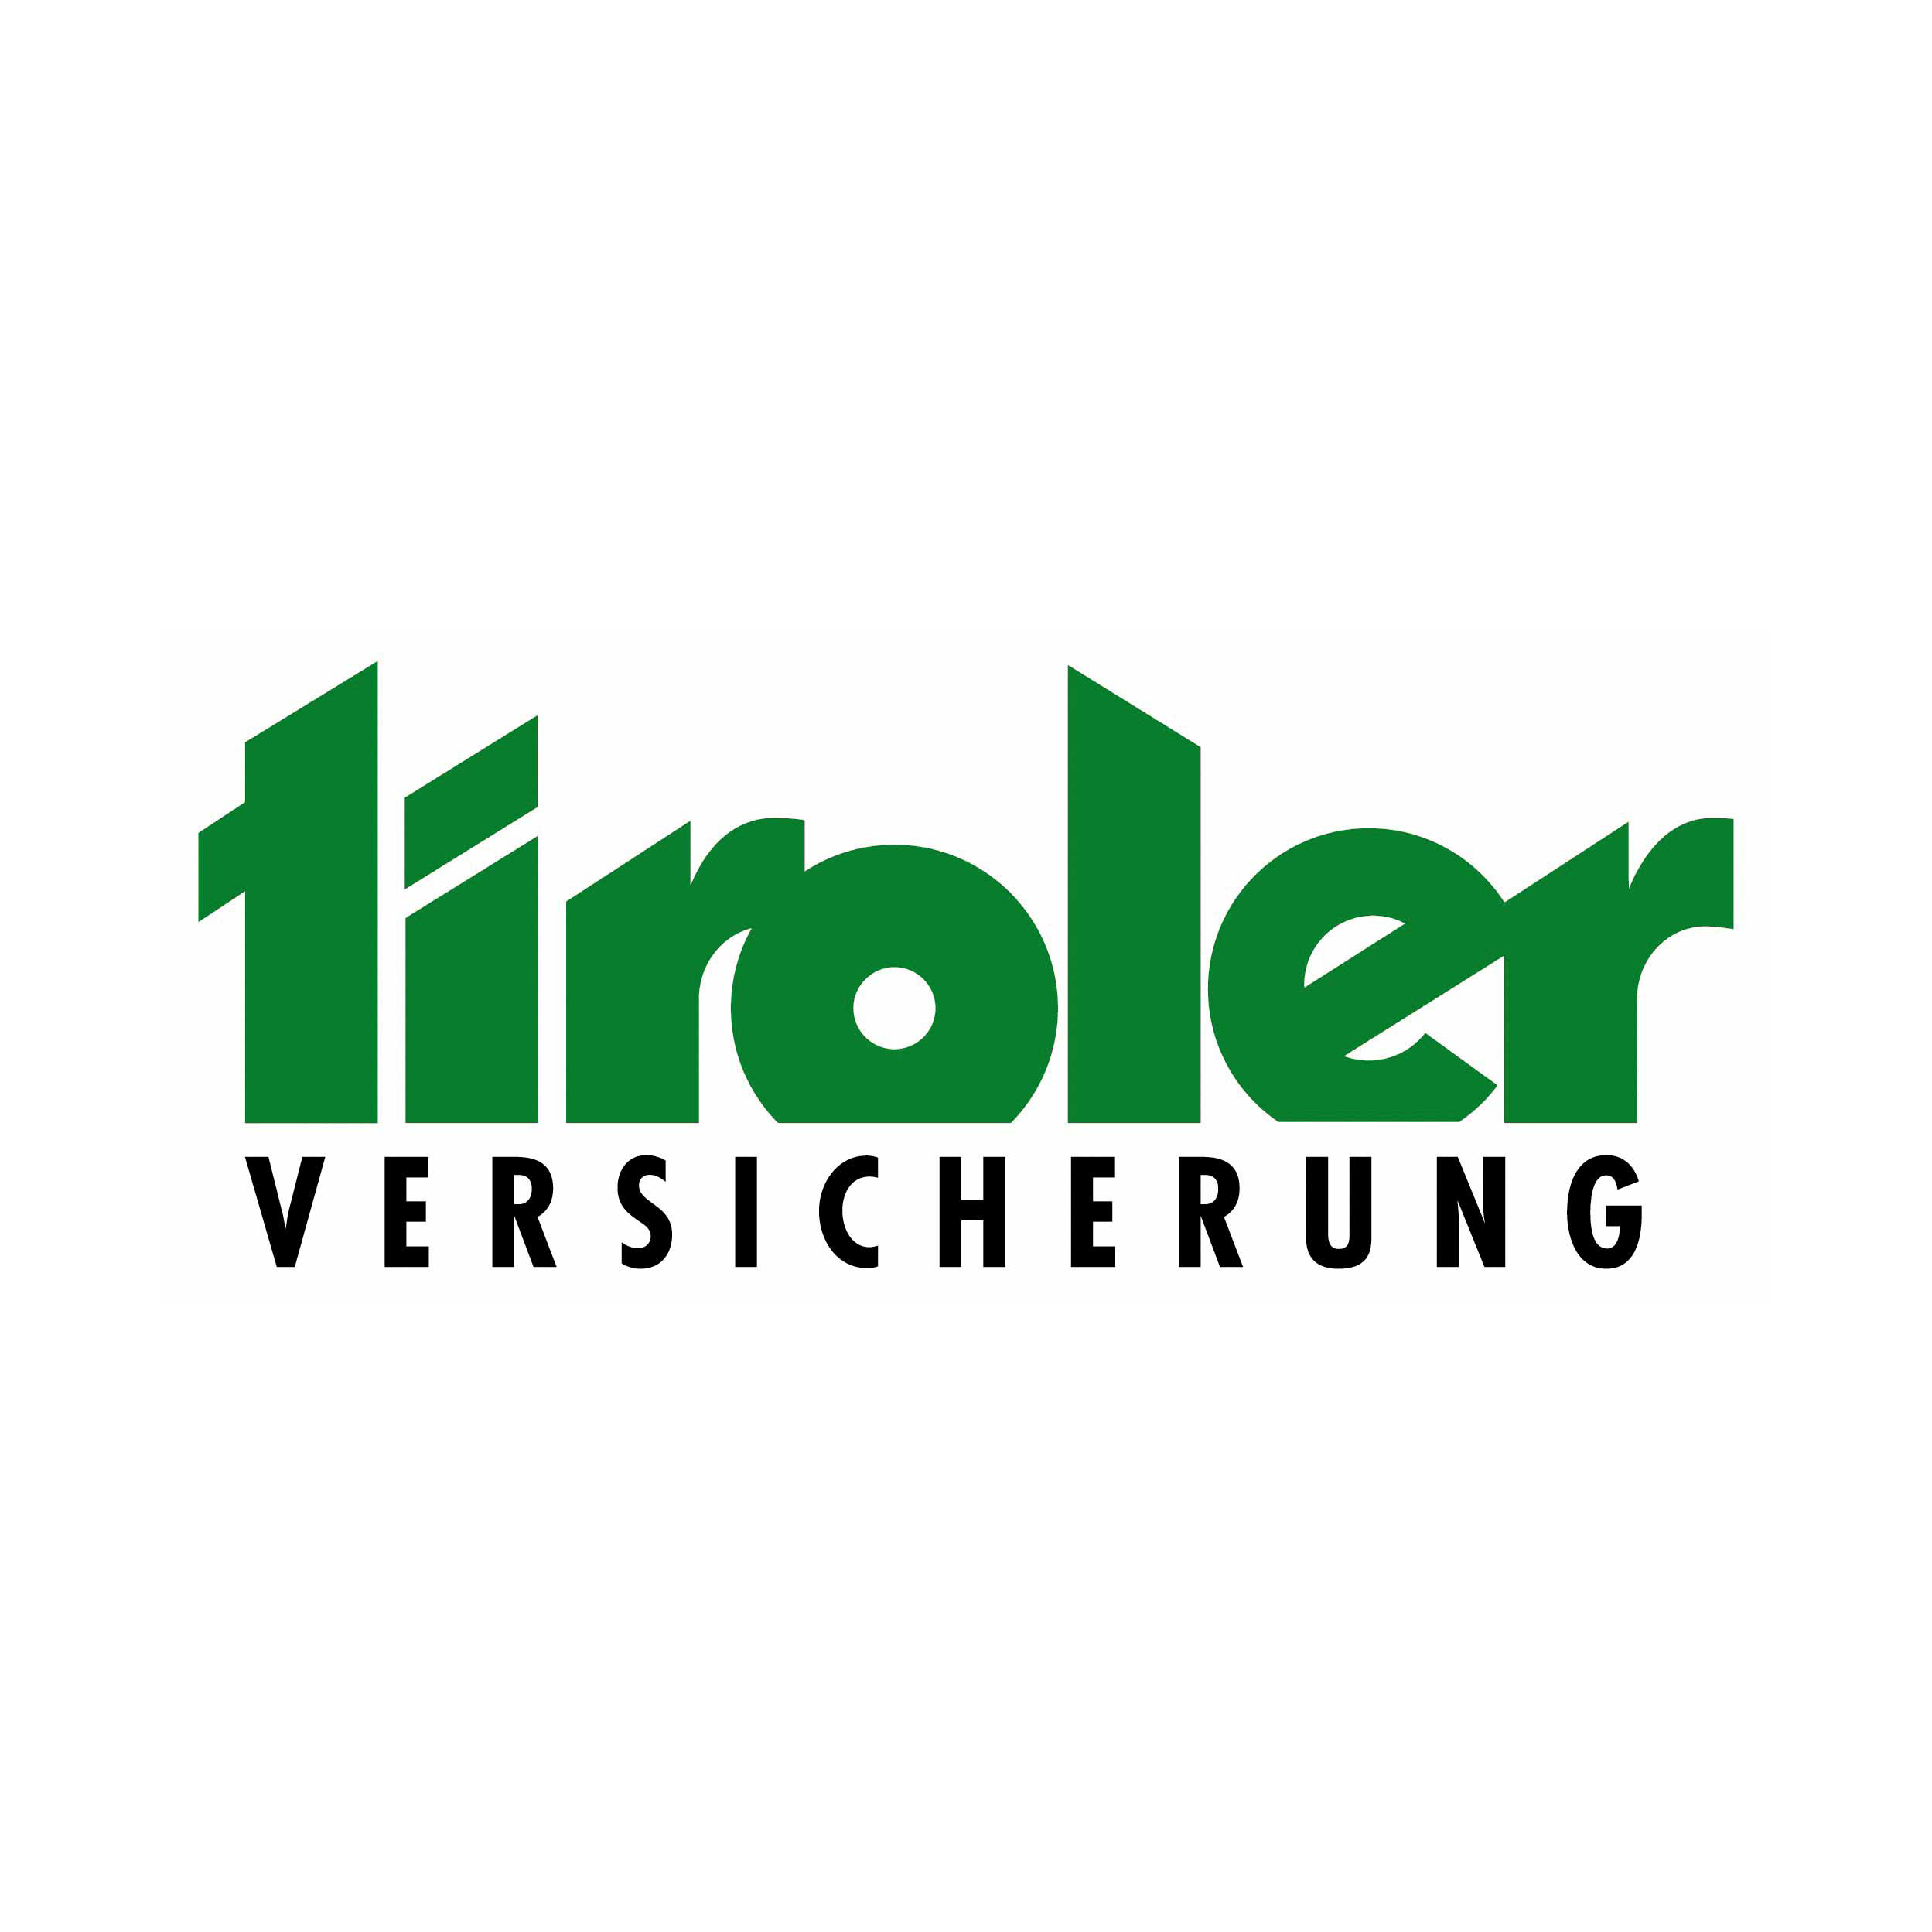 Tiroler_Versicherung.jpg